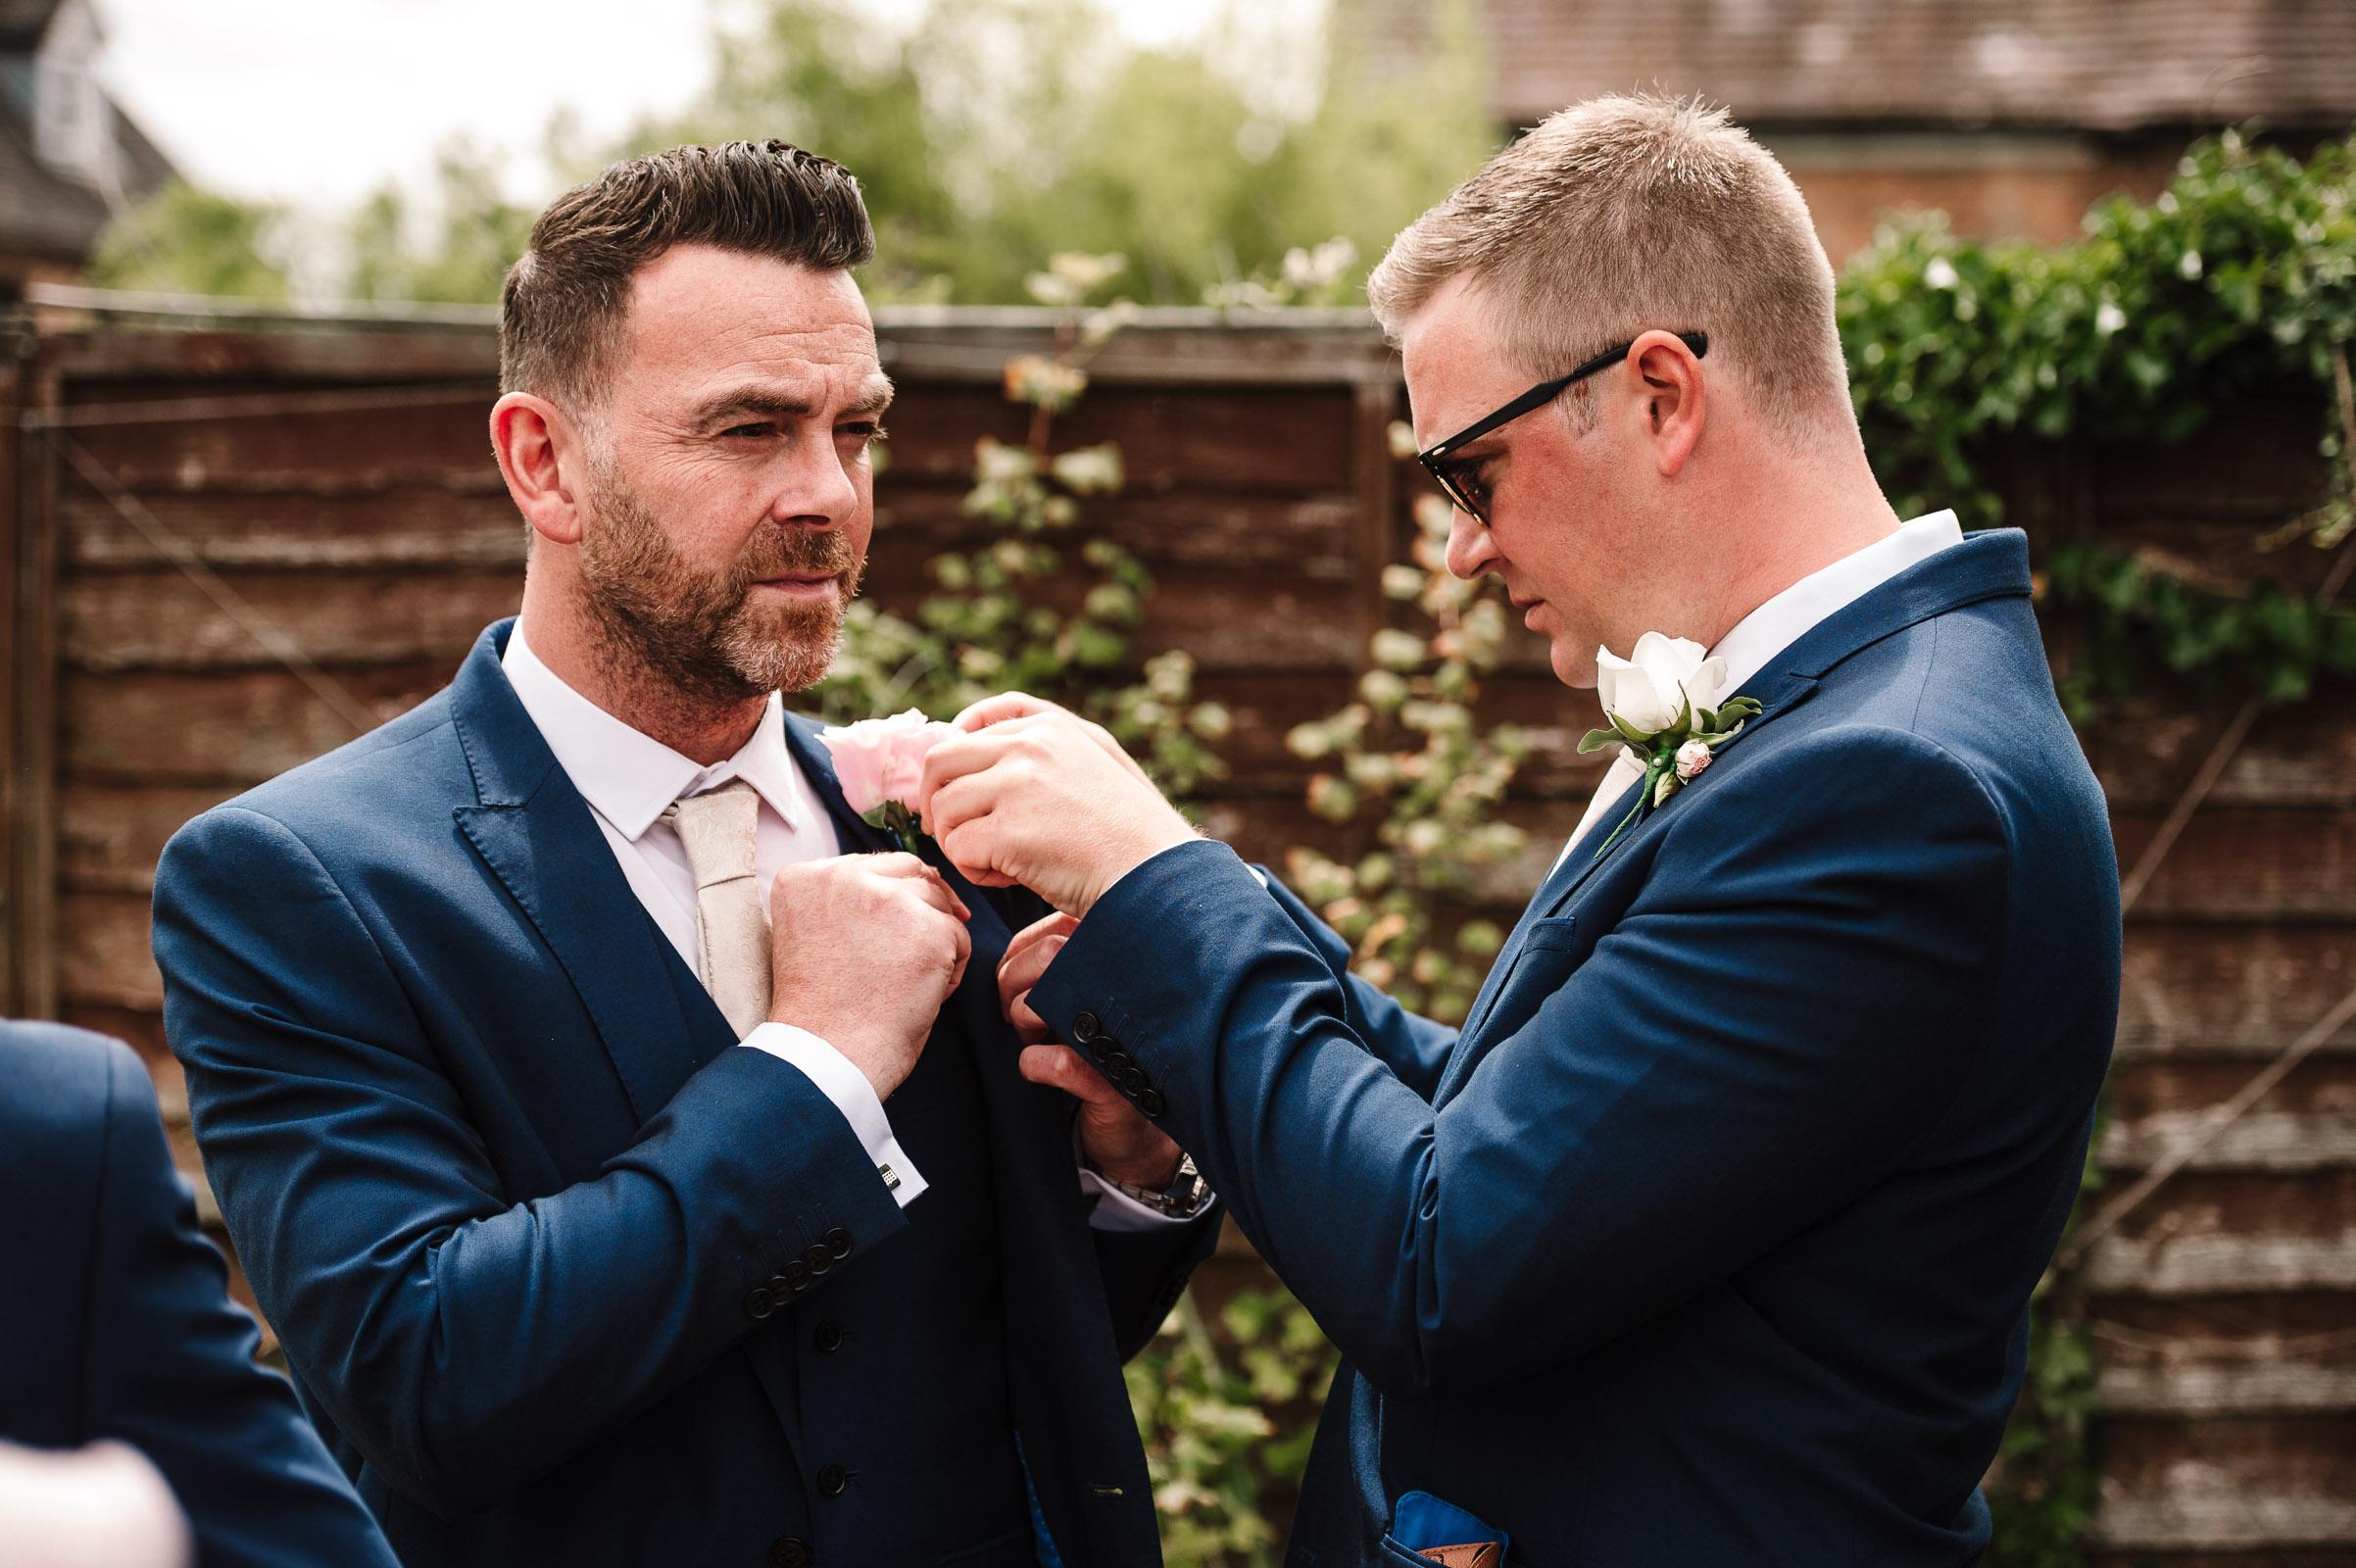 groom pinning button hole on groomsmen